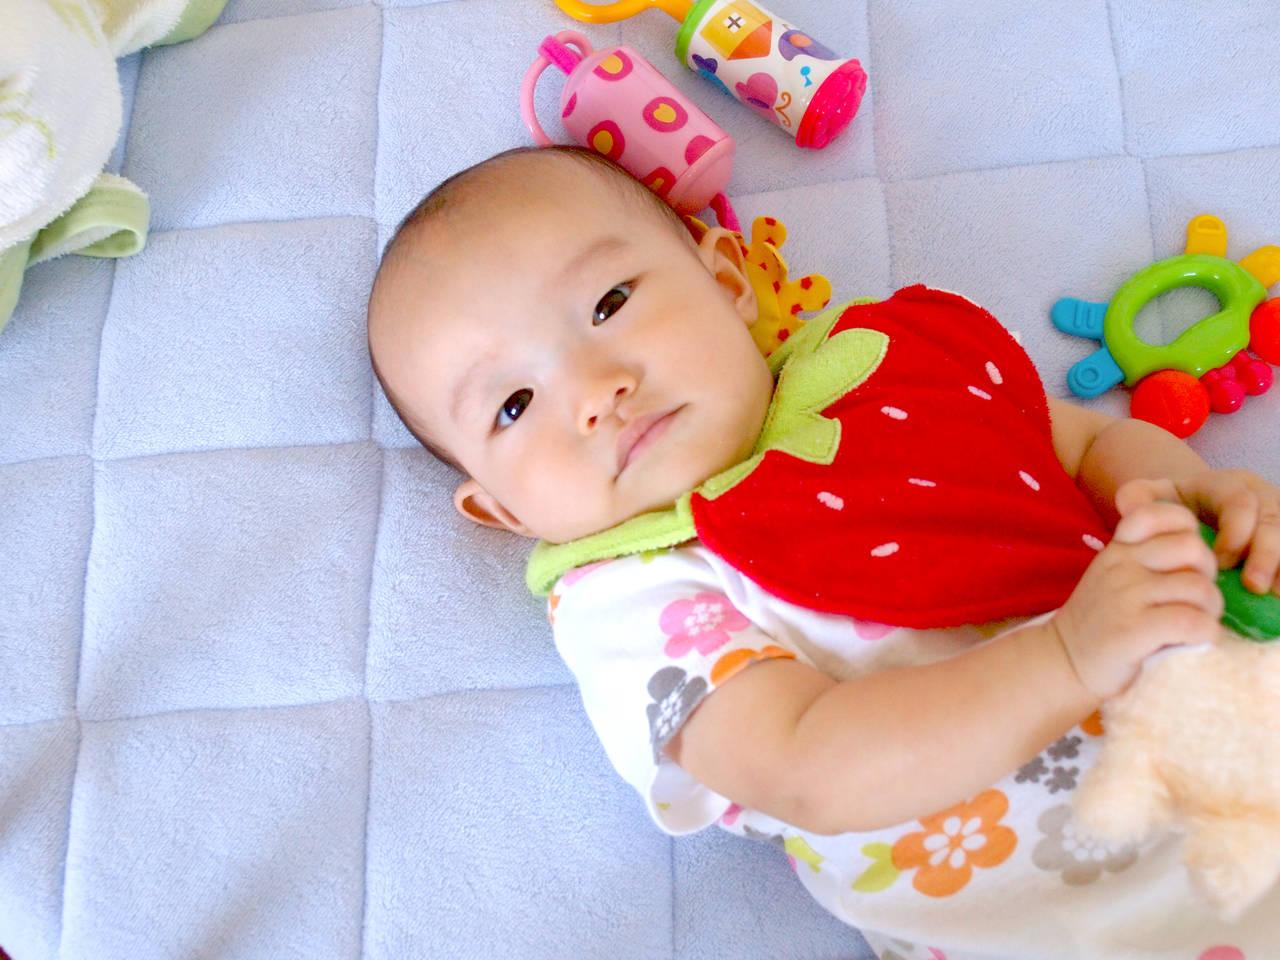 赤ちゃんはいつからおもちゃで遊ぶ?注意点と月齢別おもちゃの遊び方